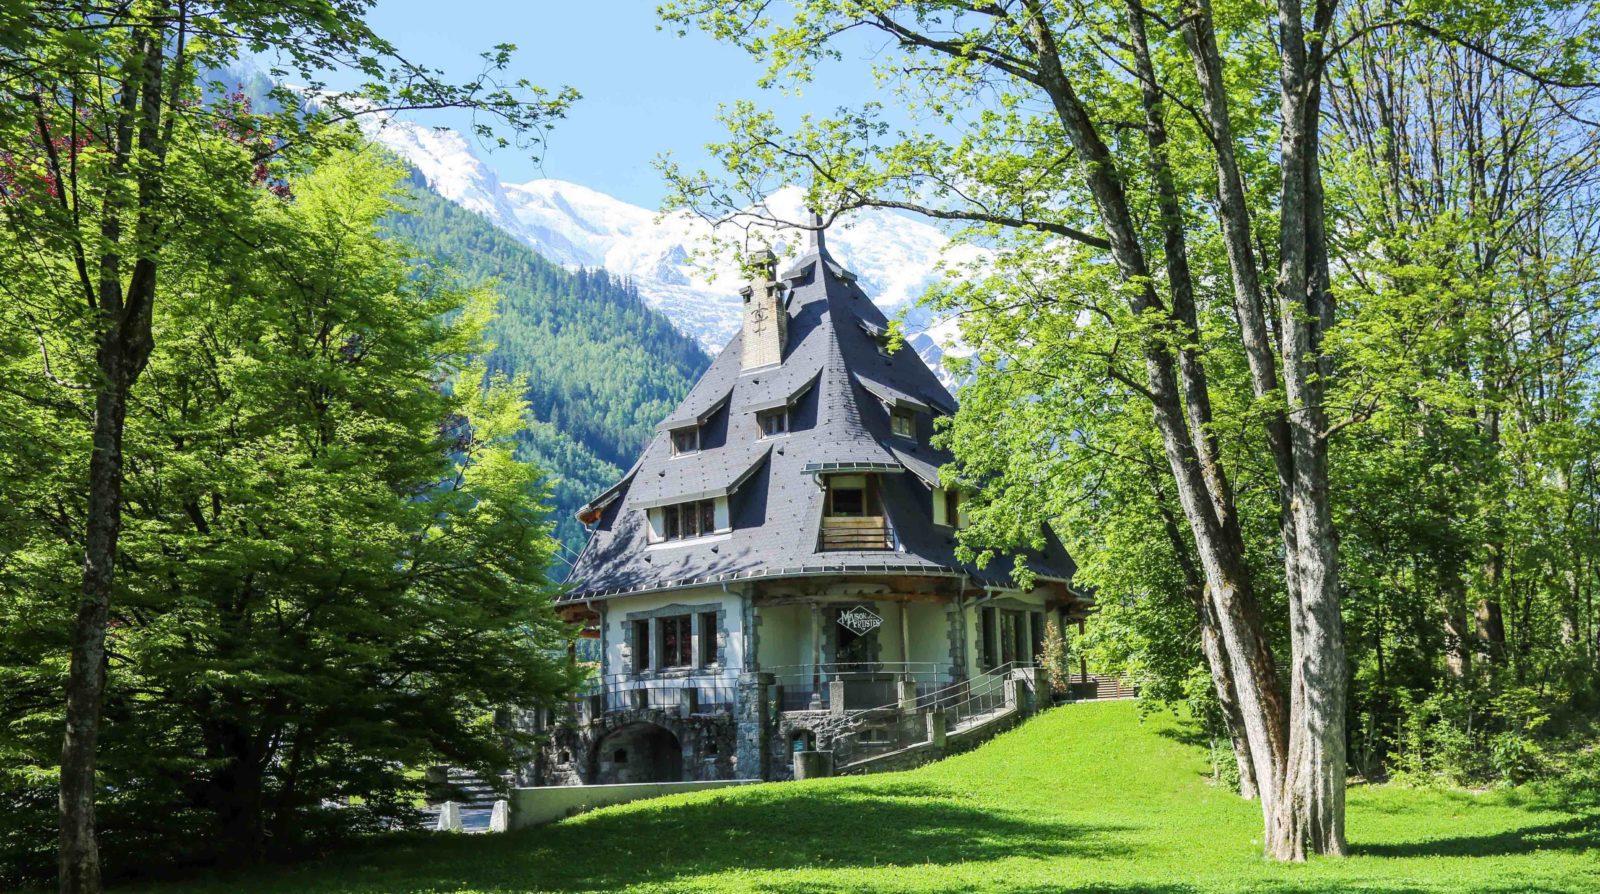 Chamonix villa de La Tournette maison des artistes